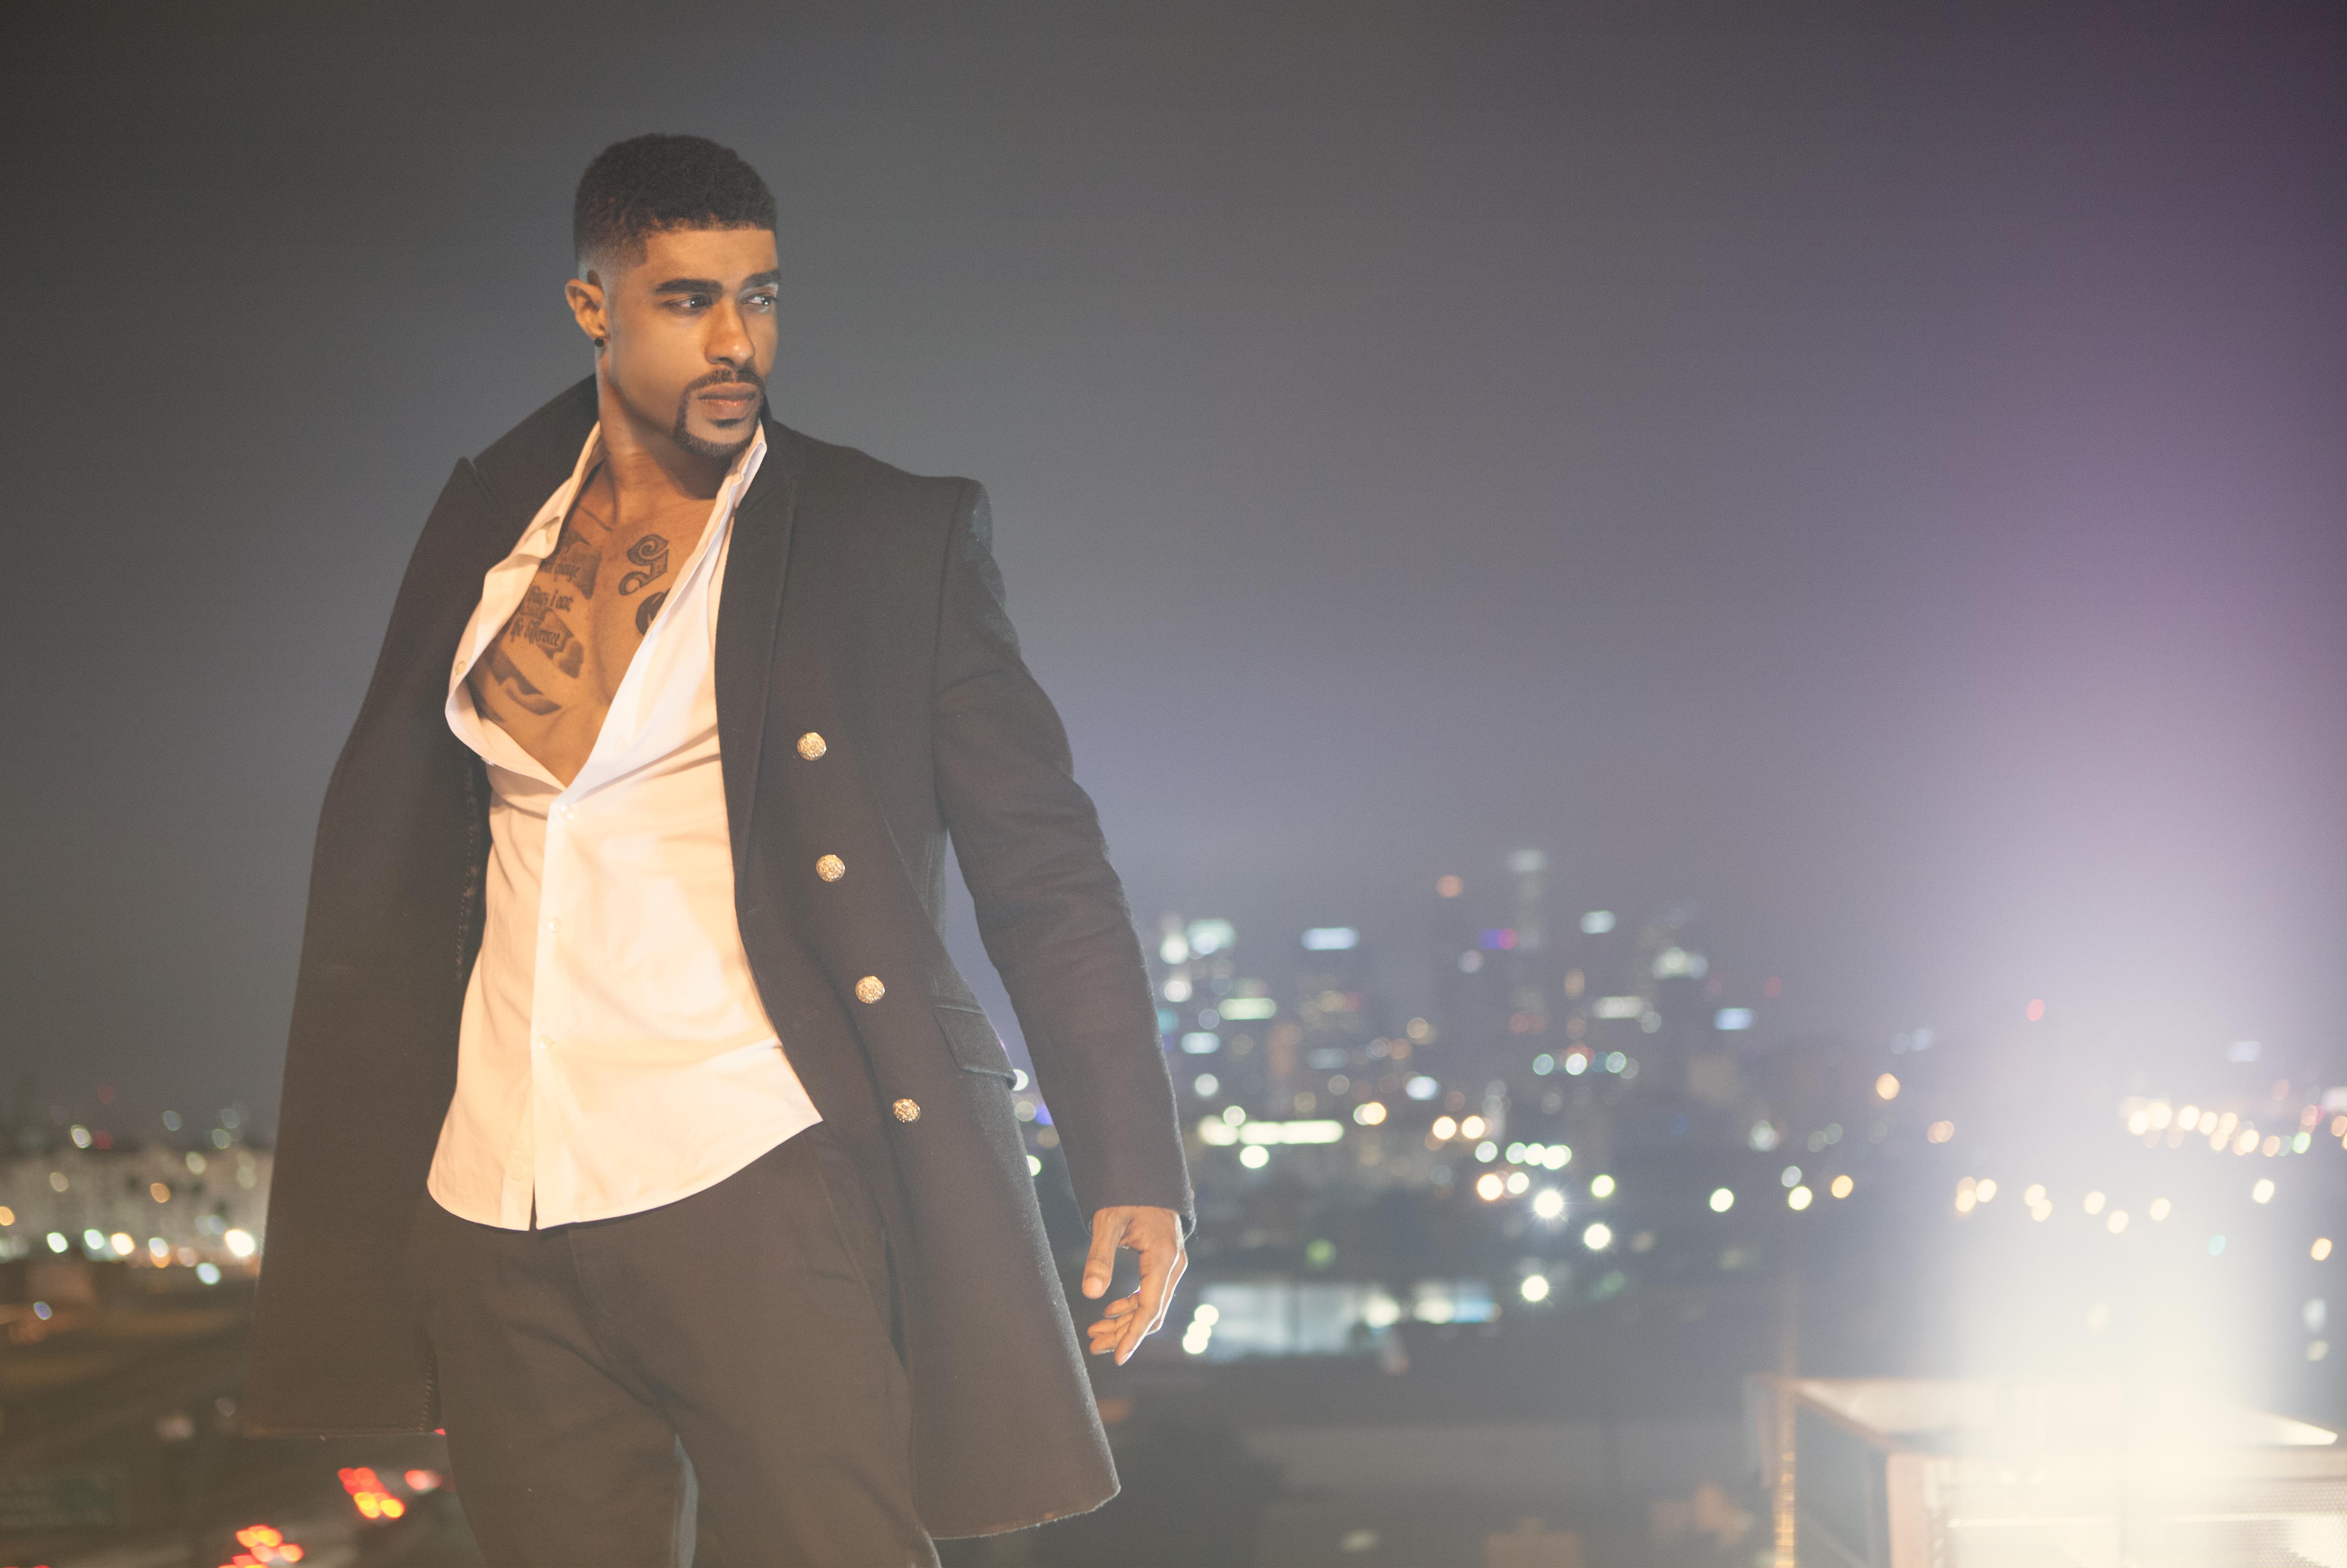 Acclaimed Singer & Dancer, Alvester Martin Stars in Michael Jackson's New Video